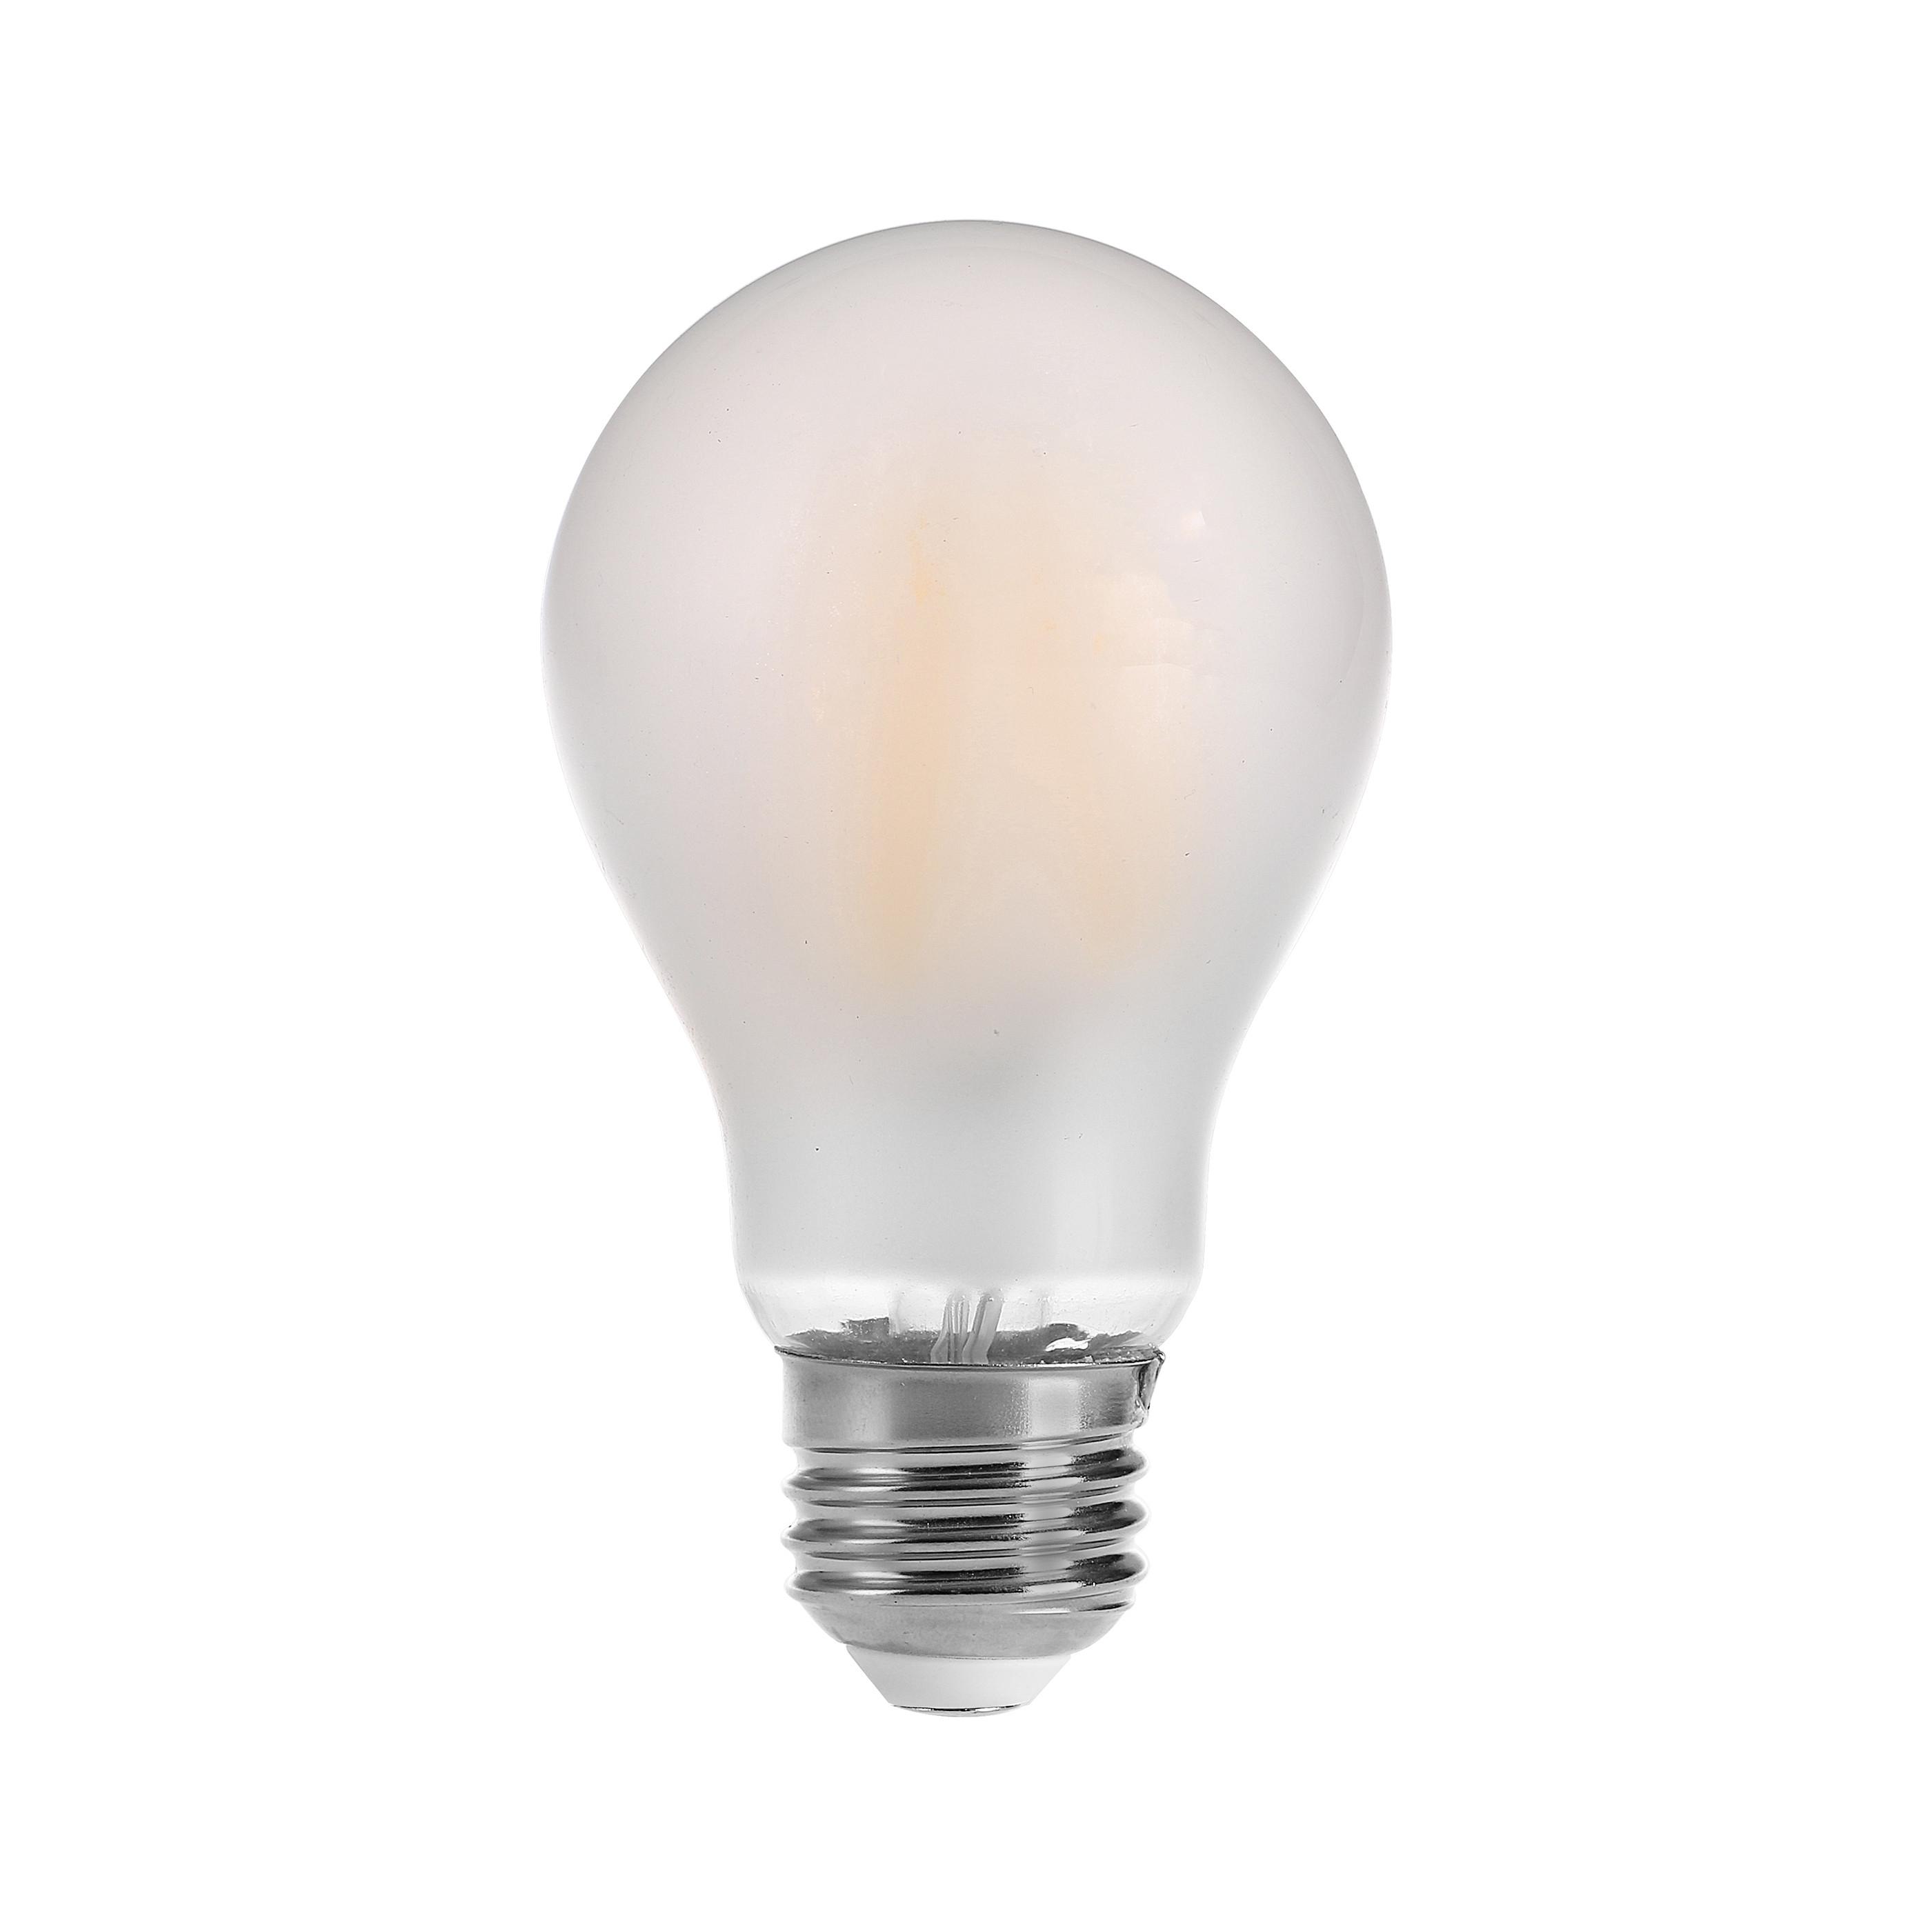 oem vintage gloeidraad led lampen energiebesparing dimbare led gloeidraad gloeilampen 360 graden stralingshoek led